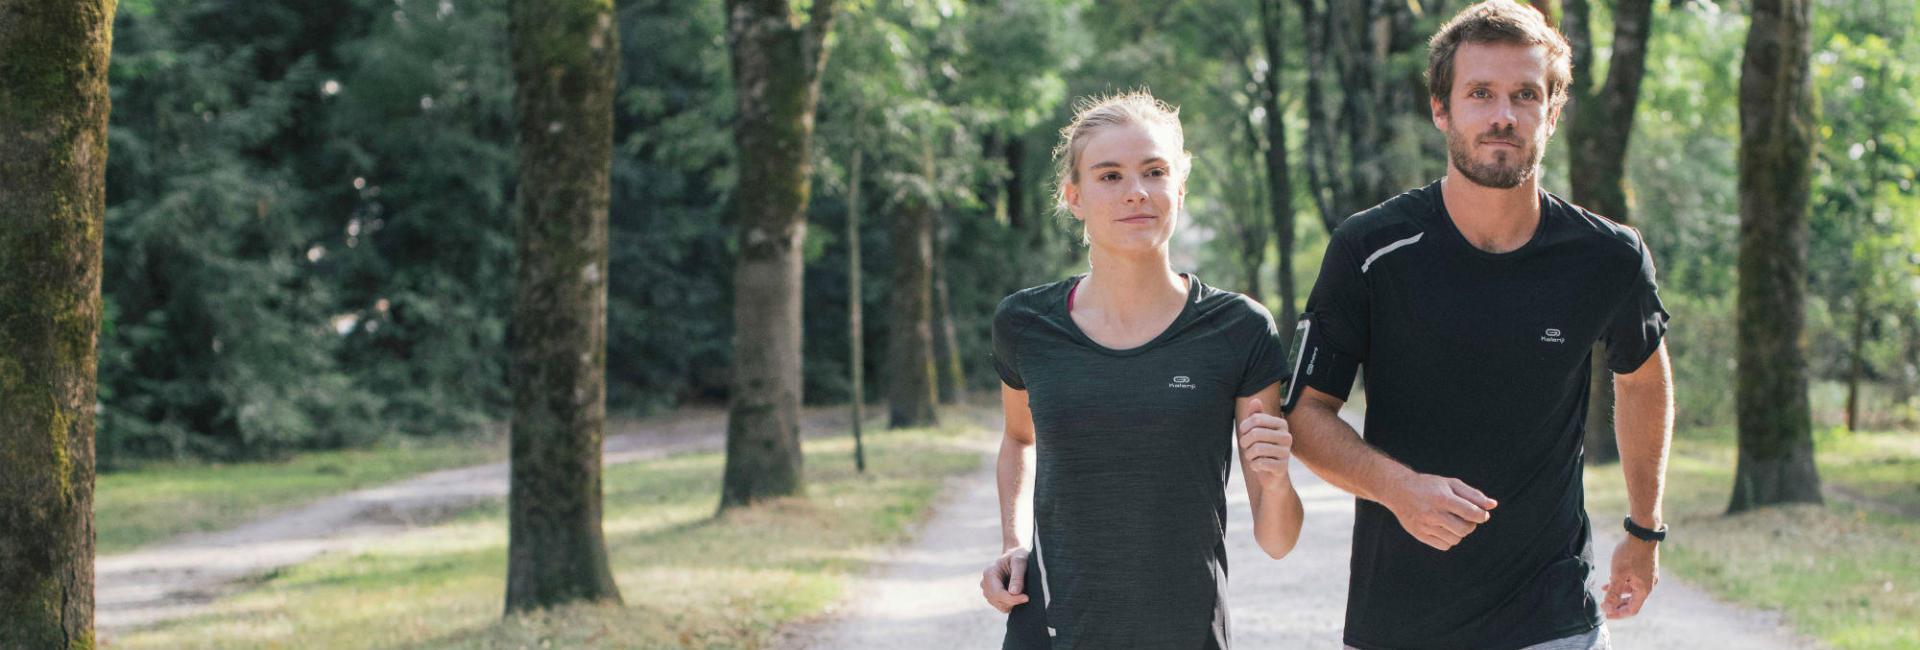 What's Sport Walking?